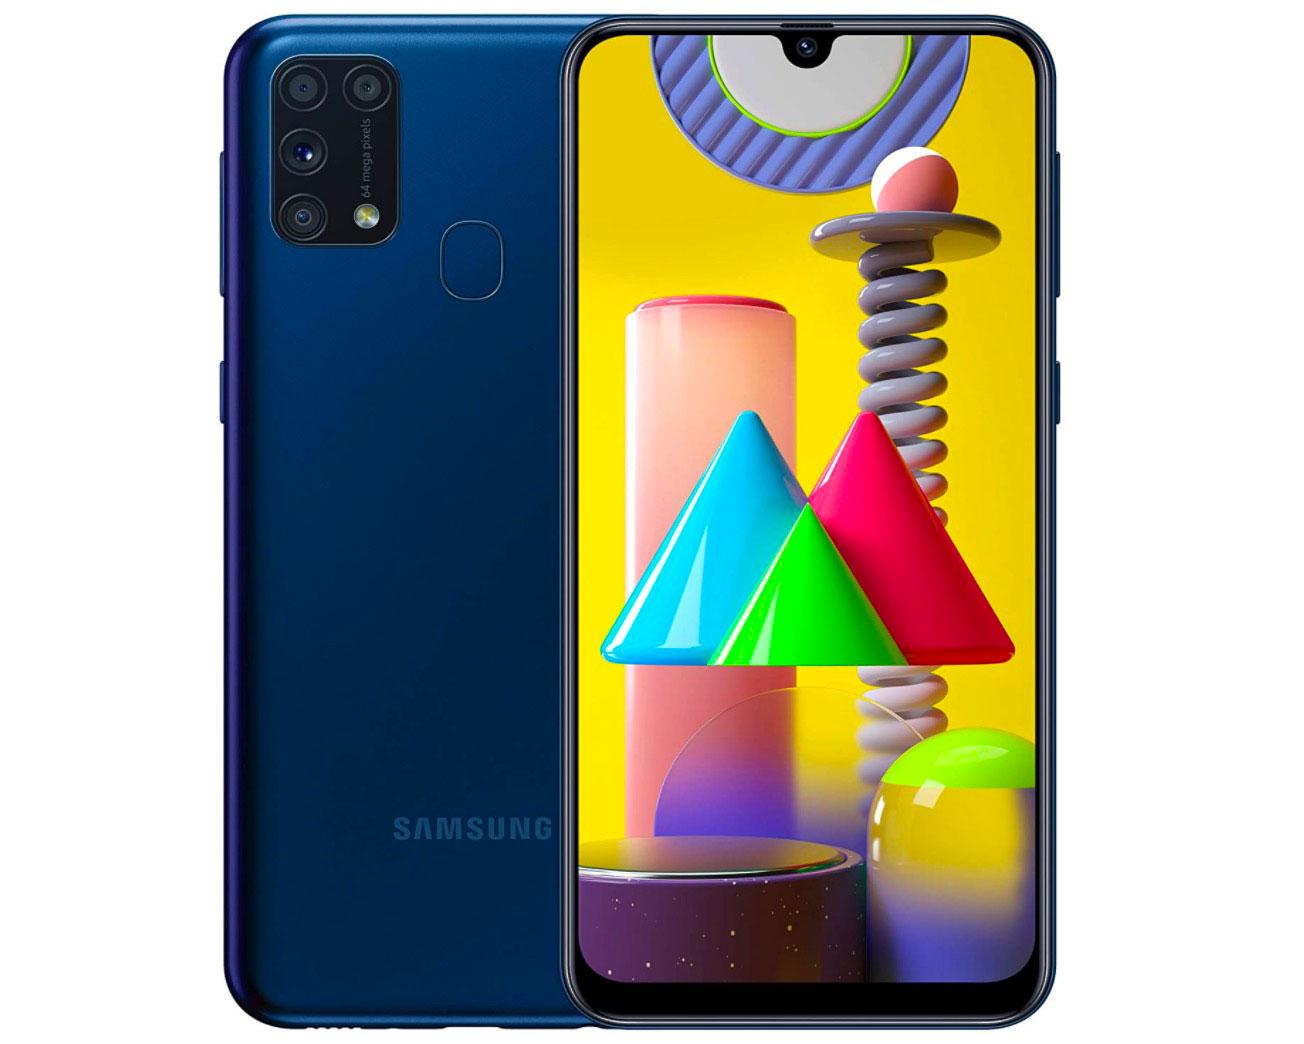 Le Galaxy M31 en version bleue